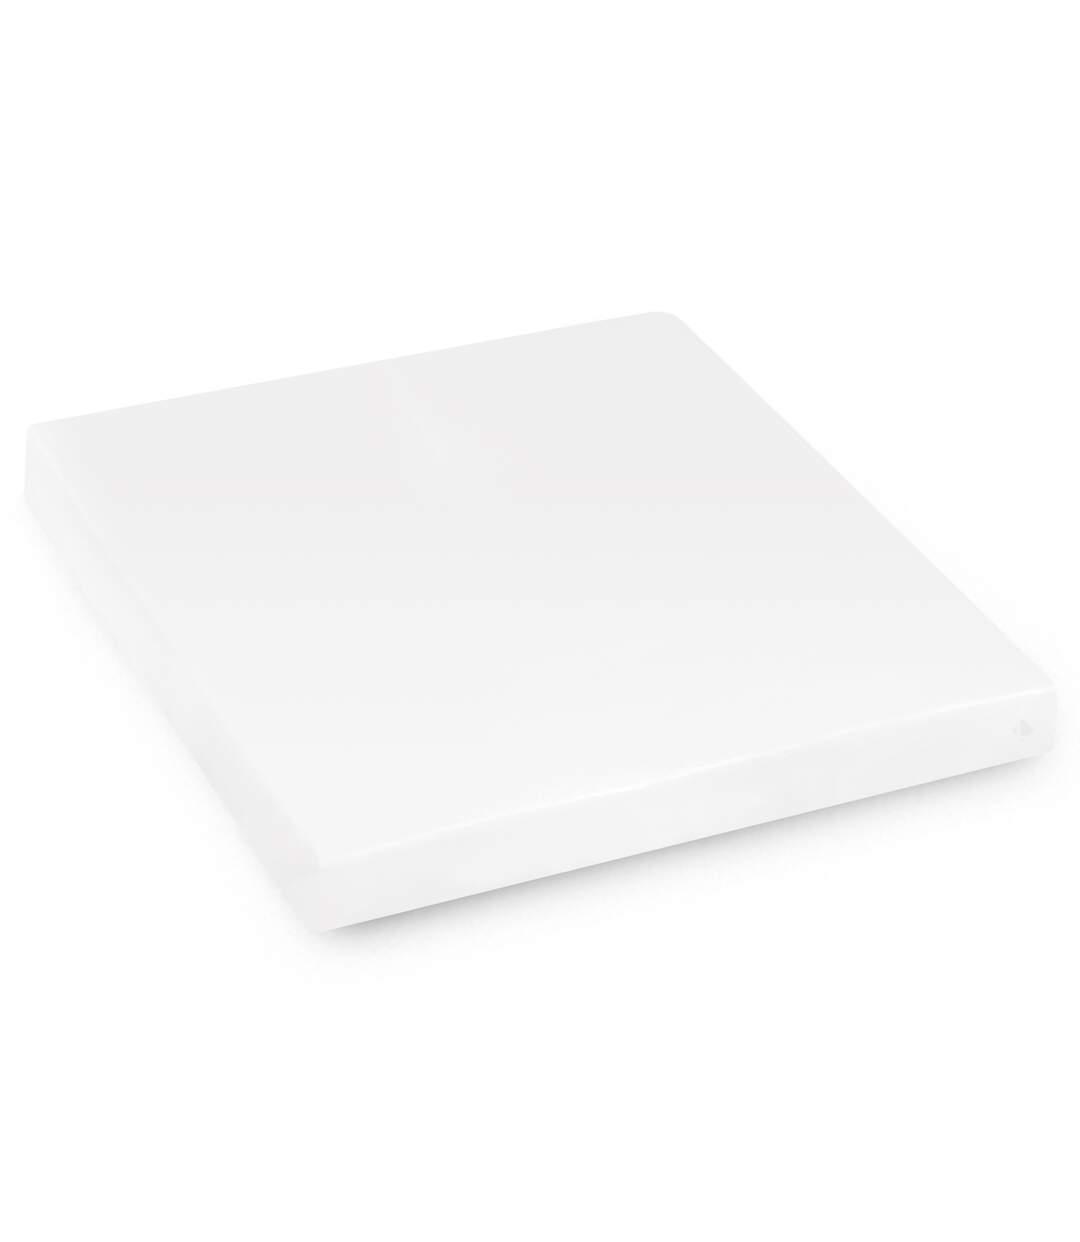 Protège matelas imperméable 210x200 cm bonnet 30cm ARNON molleton 100% coton contrecollé polyuréthane